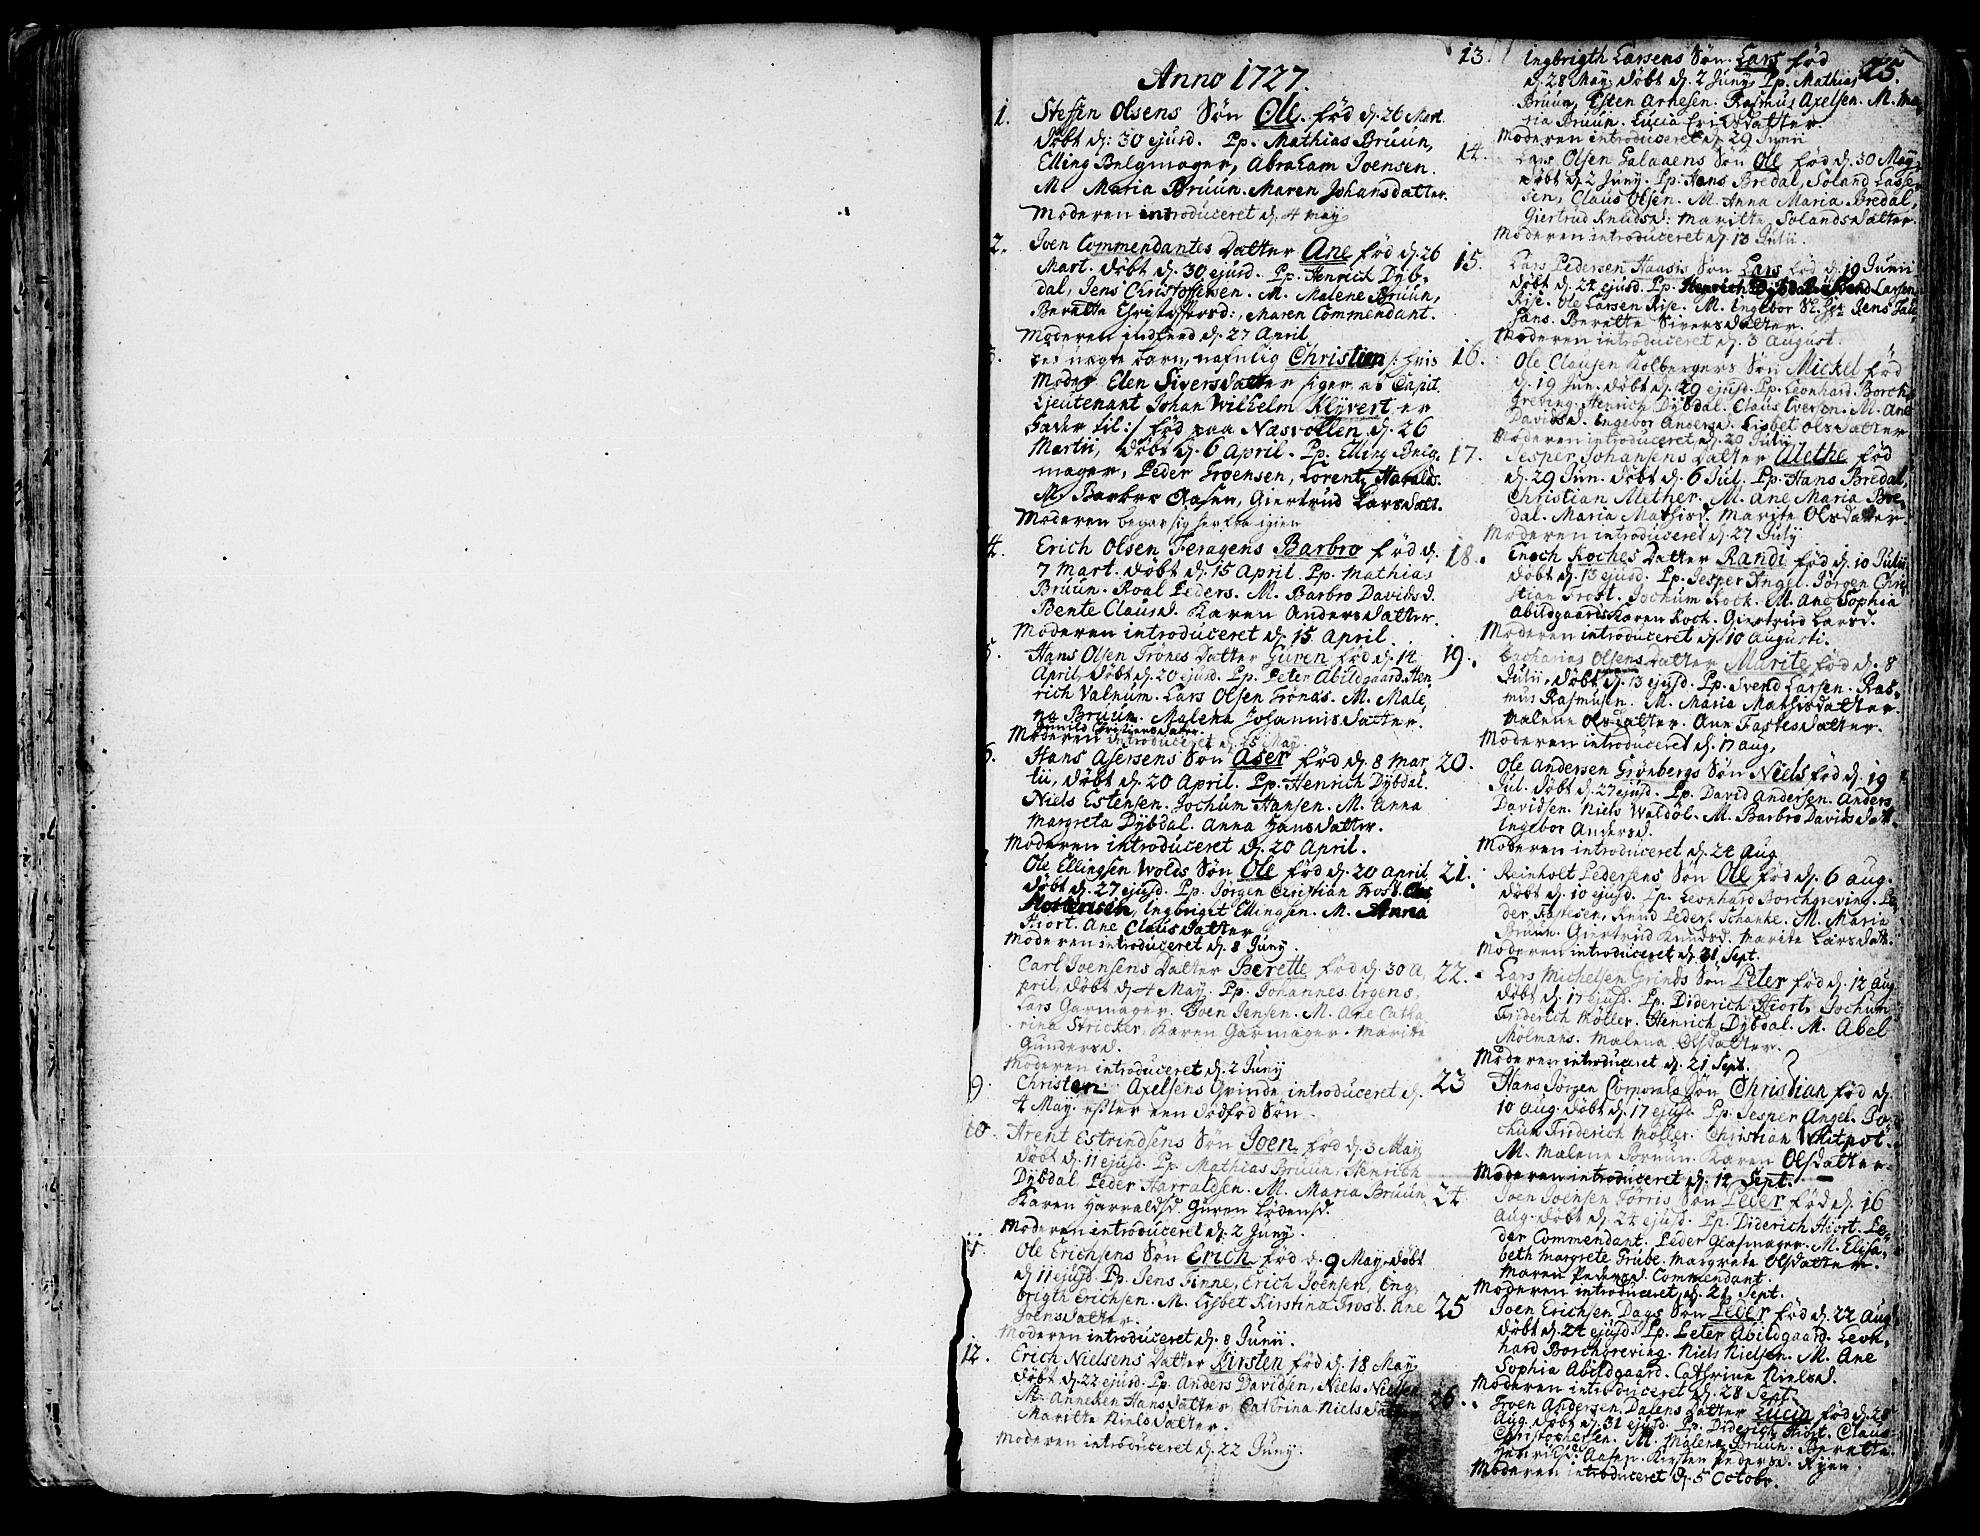 SAT, Ministerialprotokoller, klokkerbøker og fødselsregistre - Sør-Trøndelag, 681/L0925: Ministerialbok nr. 681A03, 1727-1766, s. 25